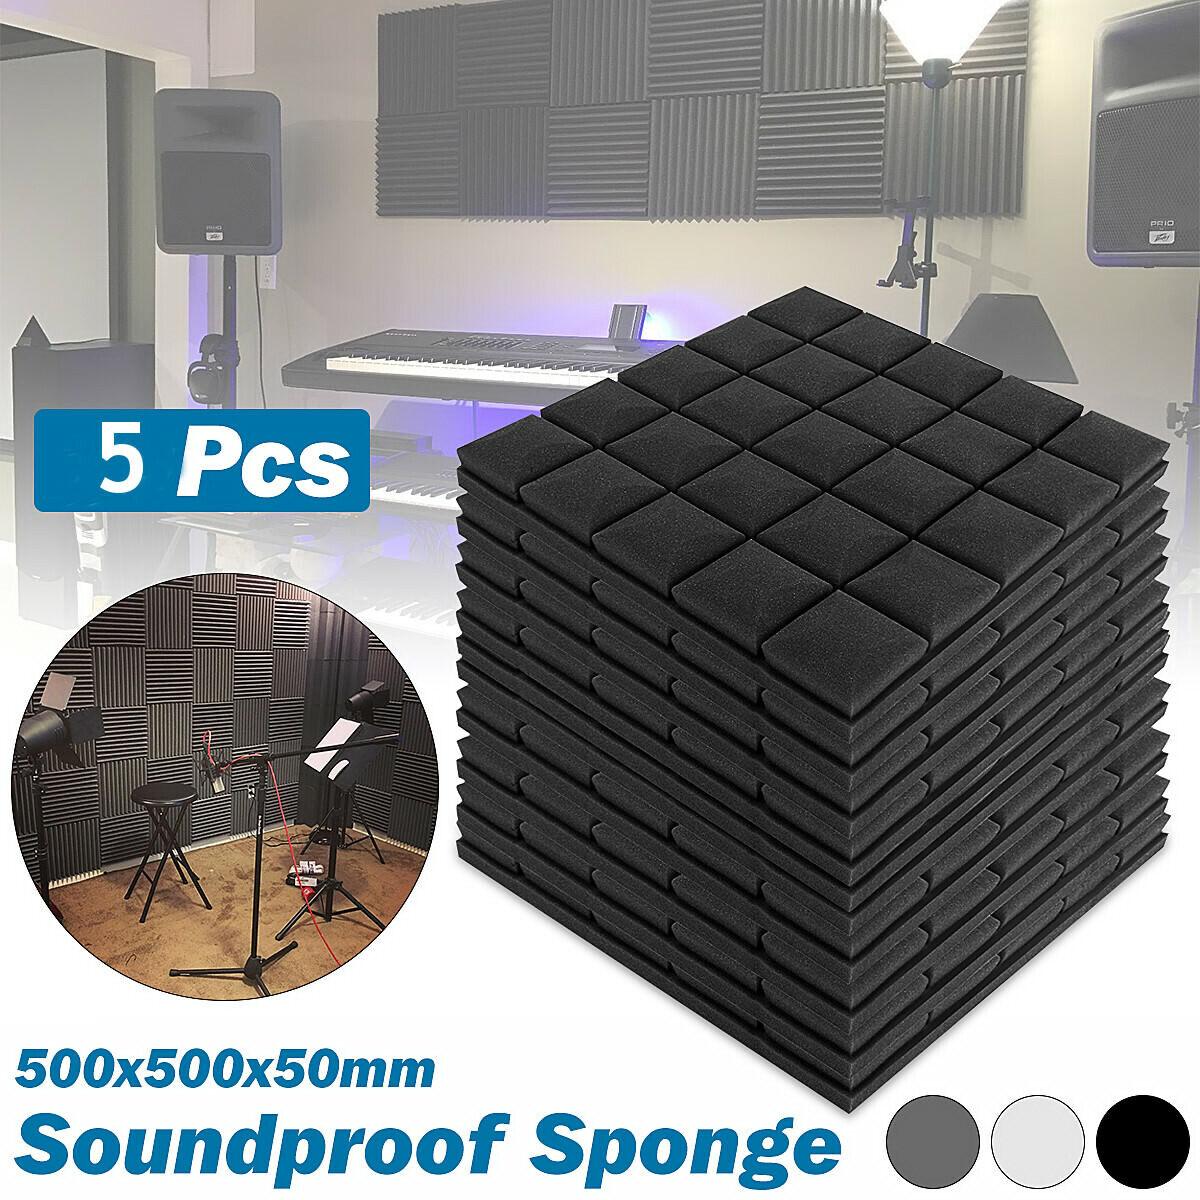 5 10 20 50505cm Square Acoustic Panels Studio Soundproofing Foam Wedge Tiles